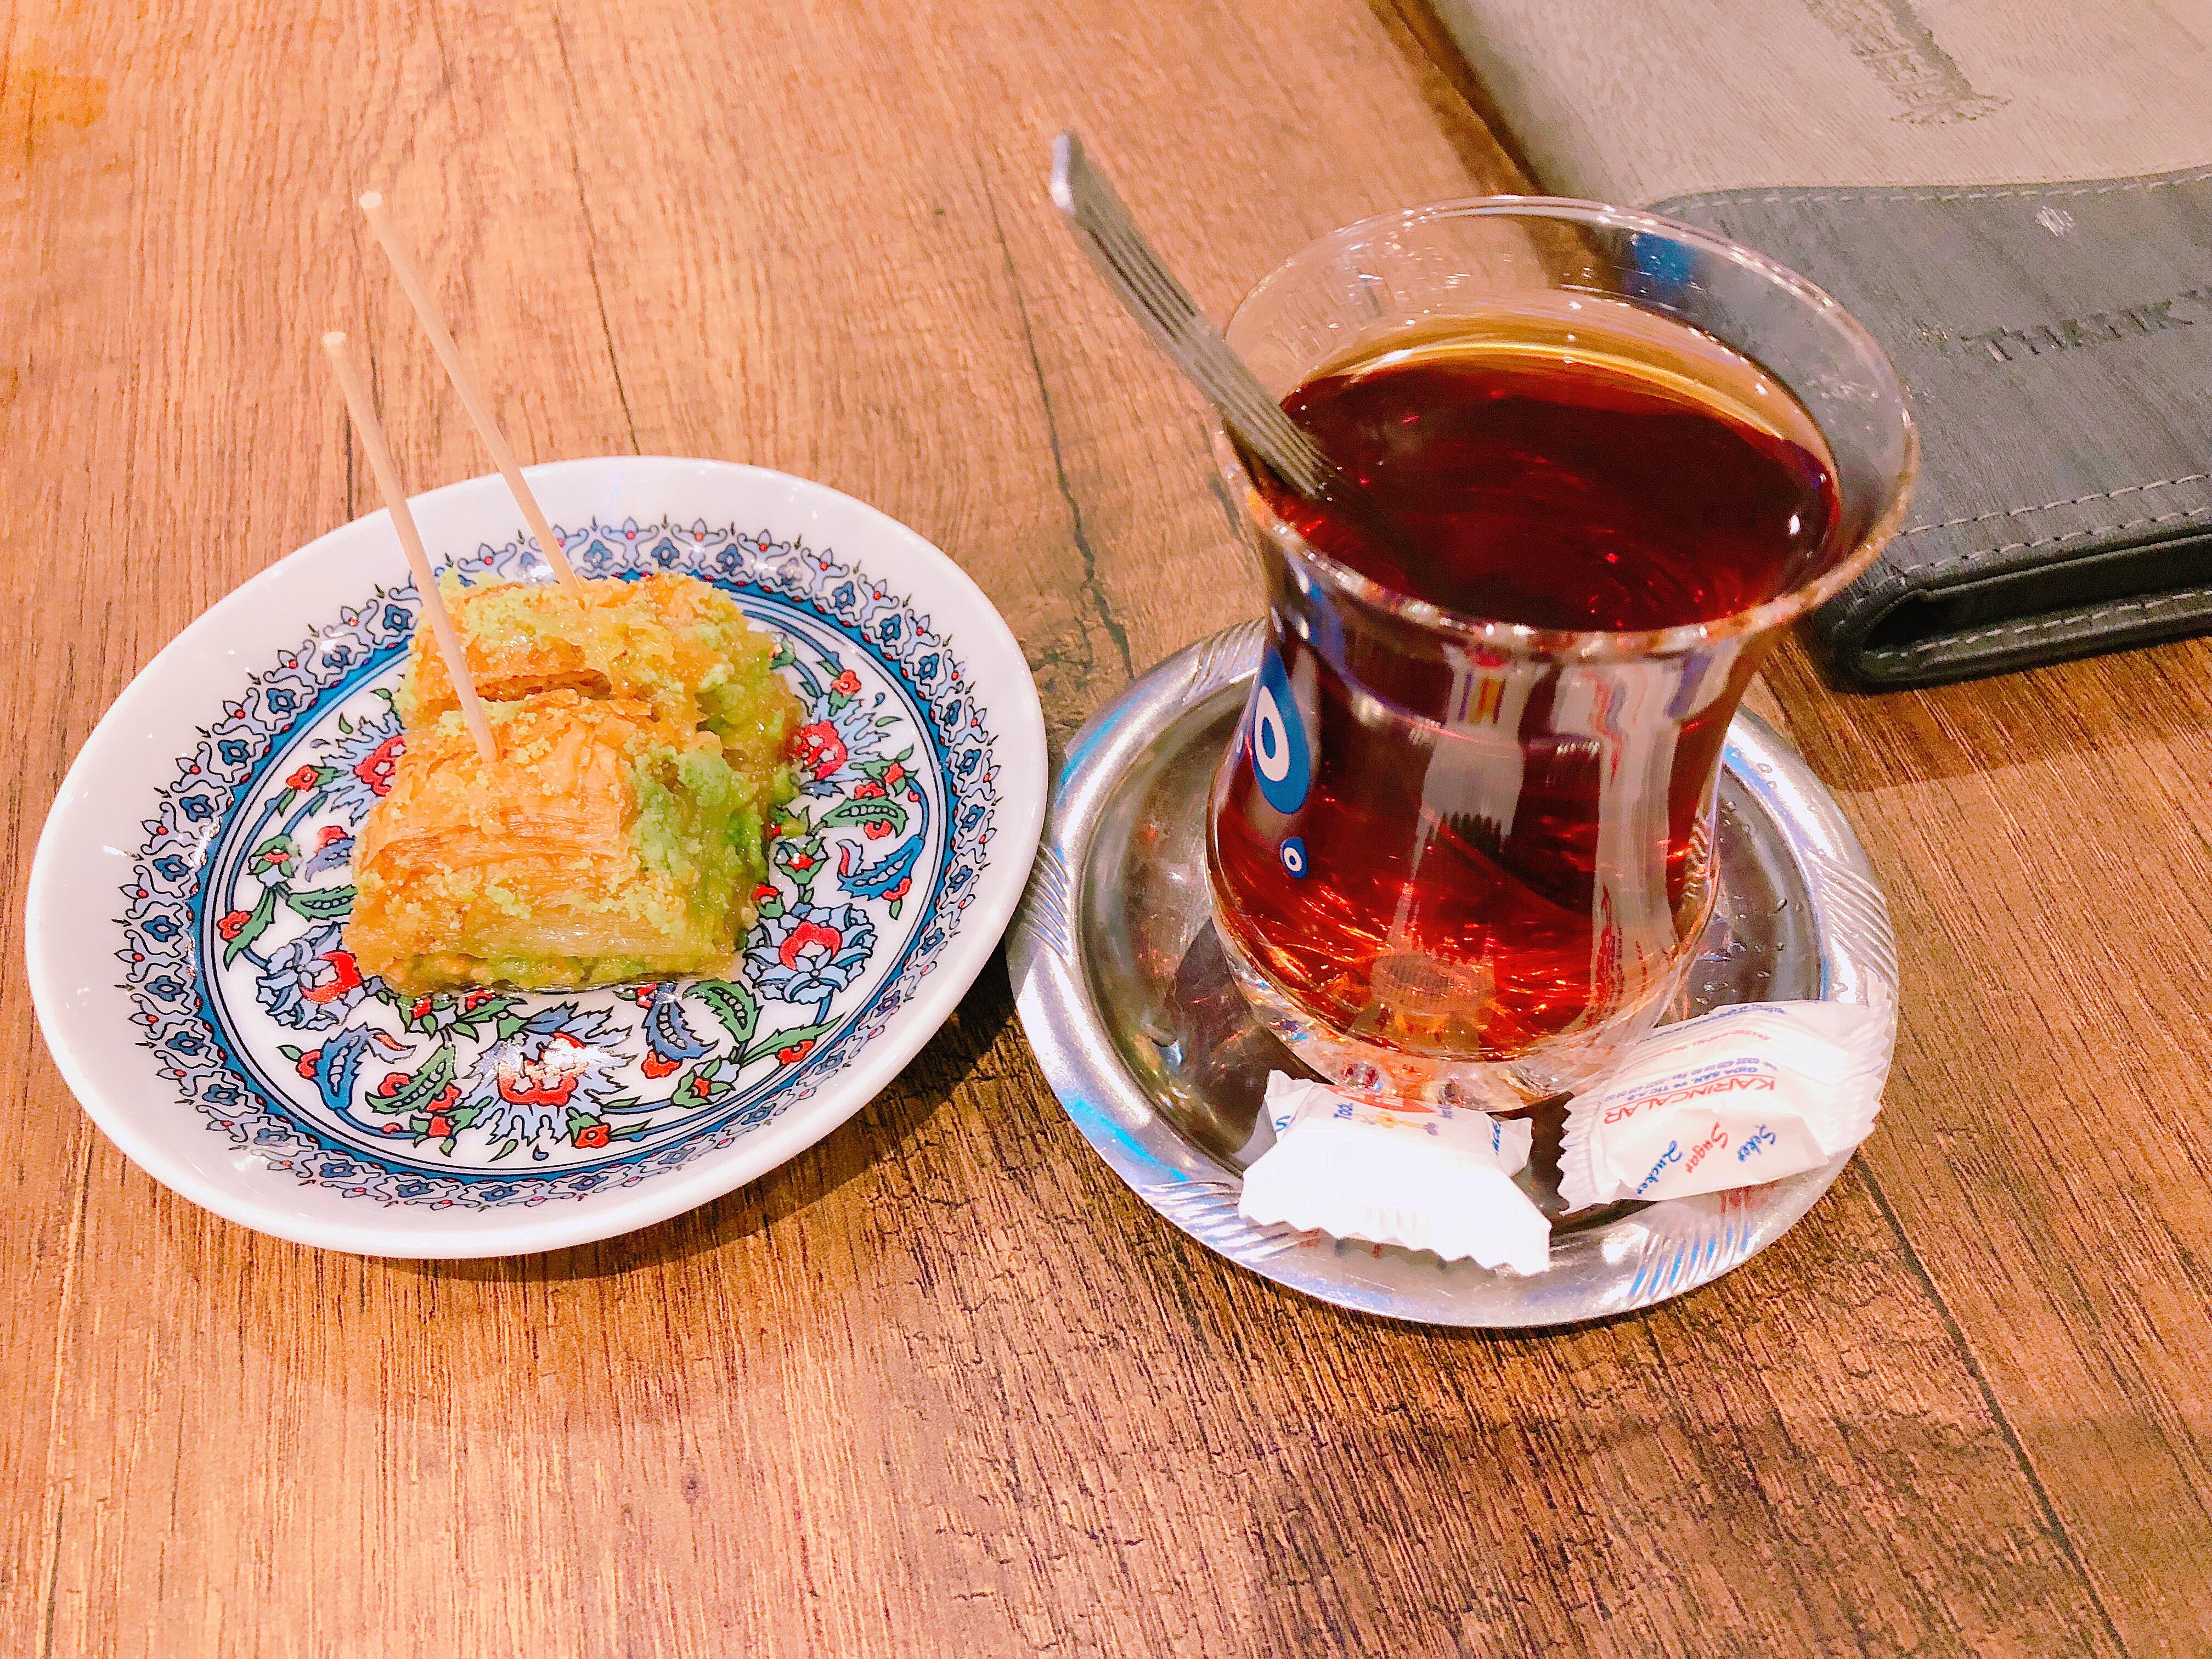 Efes Turkish tea